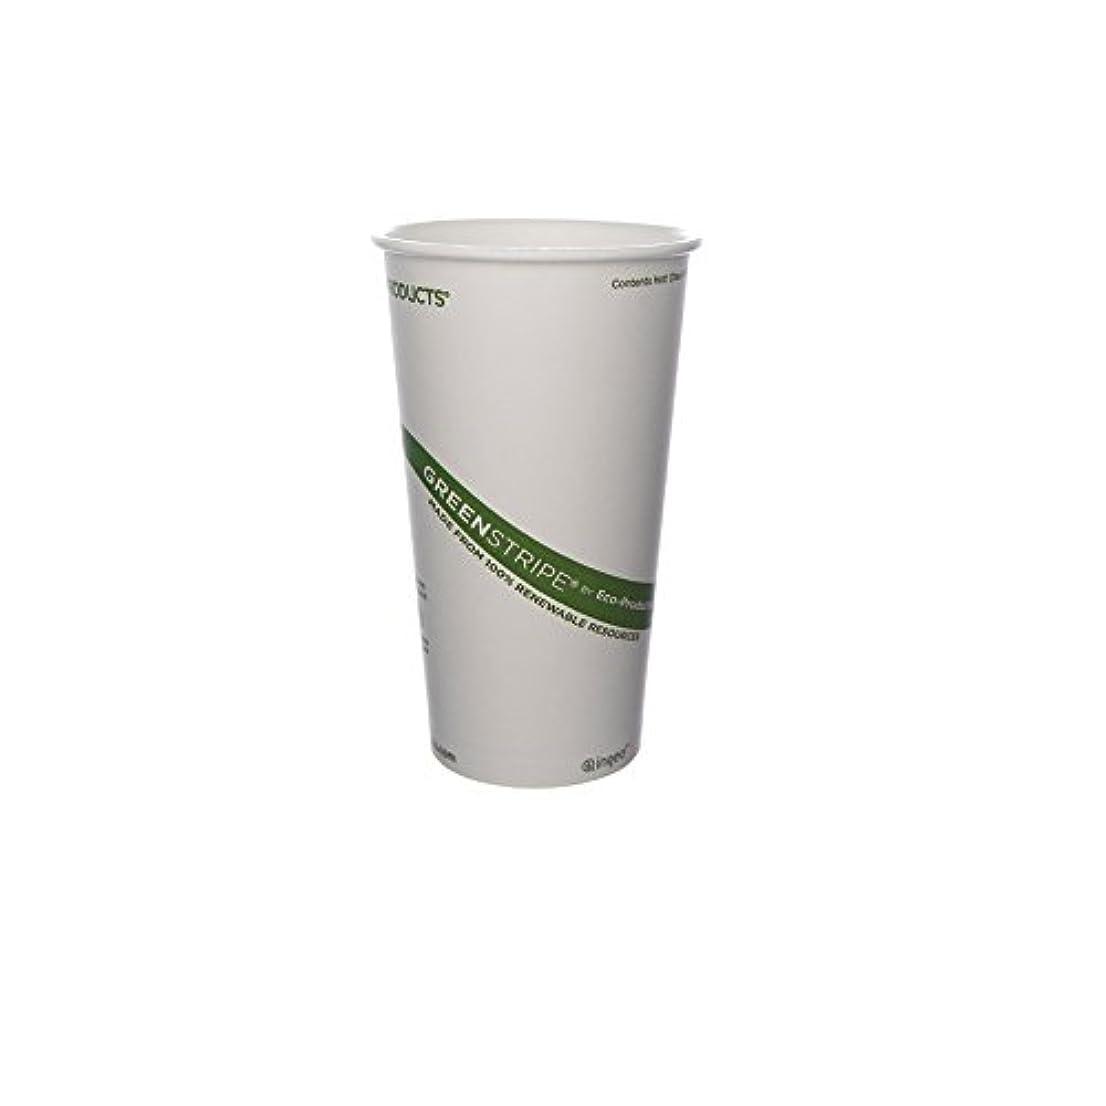 電話する効果タイトルEco-Products 20 oz GreenStripe Hot Cup - Case of 1000